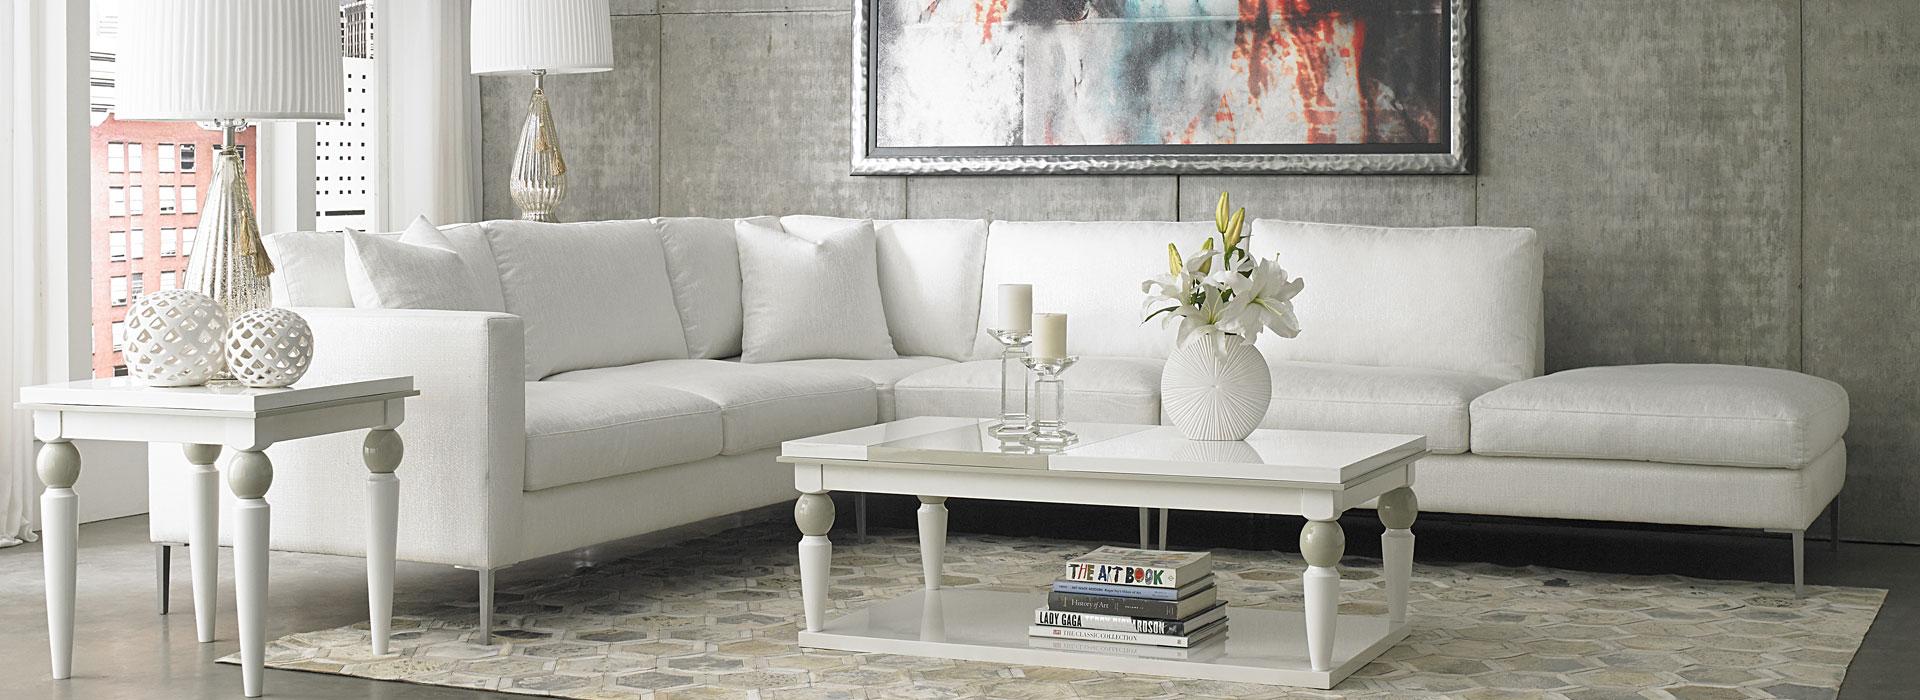 Michael Amini Furniture Designs | amini.com